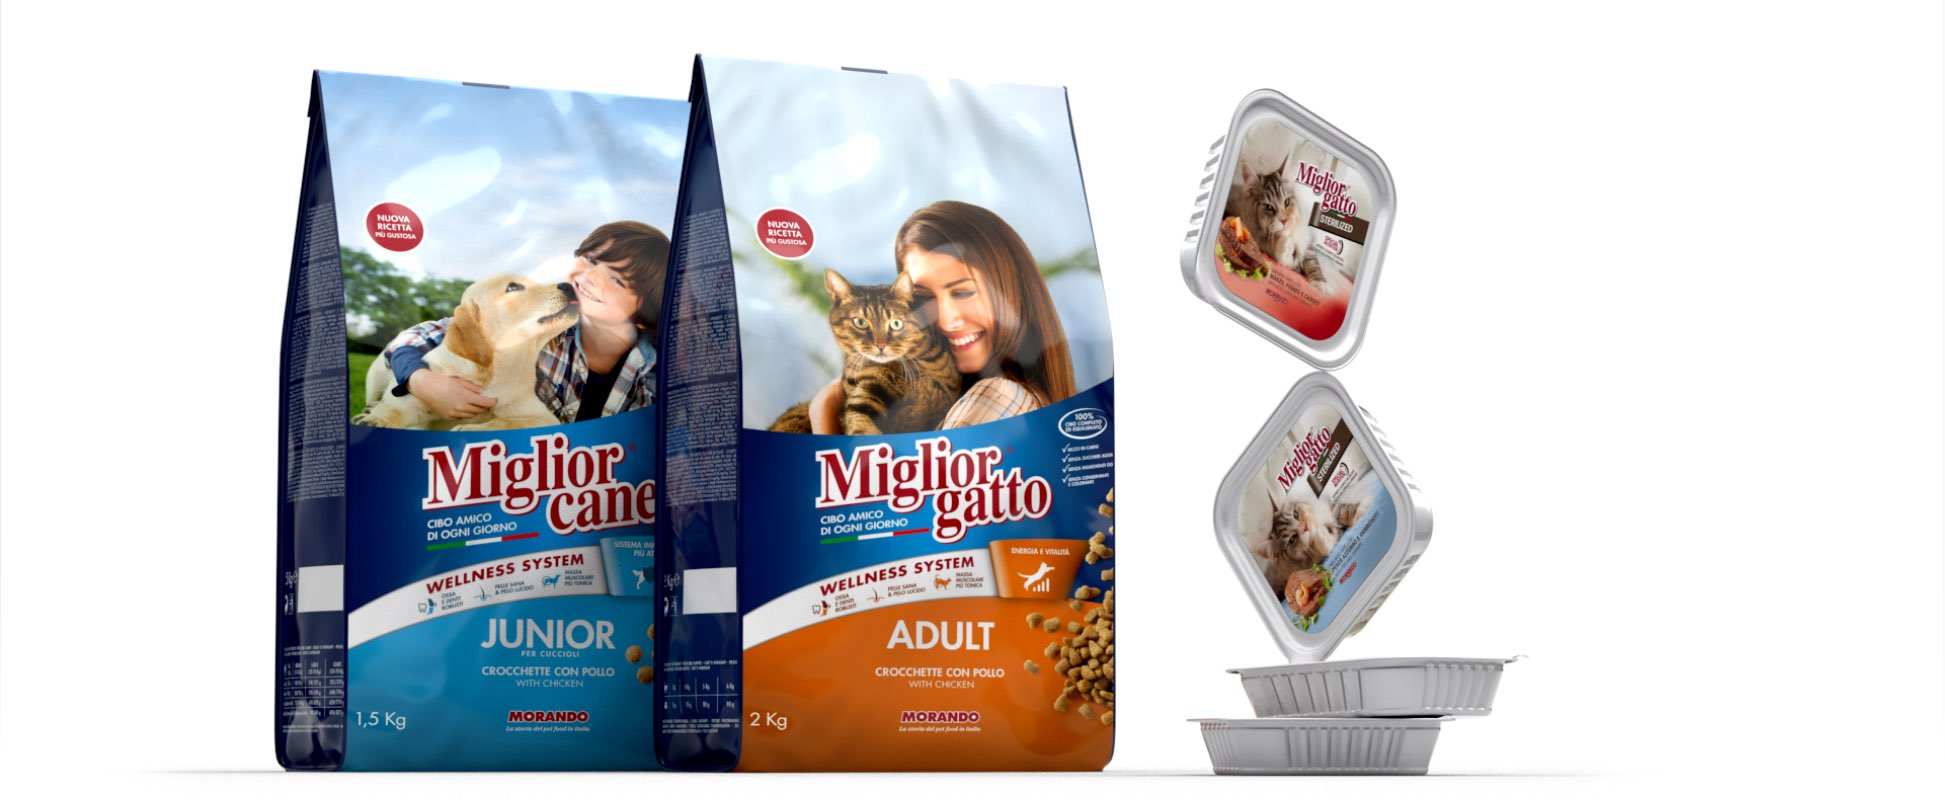 packaging design migliogatto secco sterilized umido